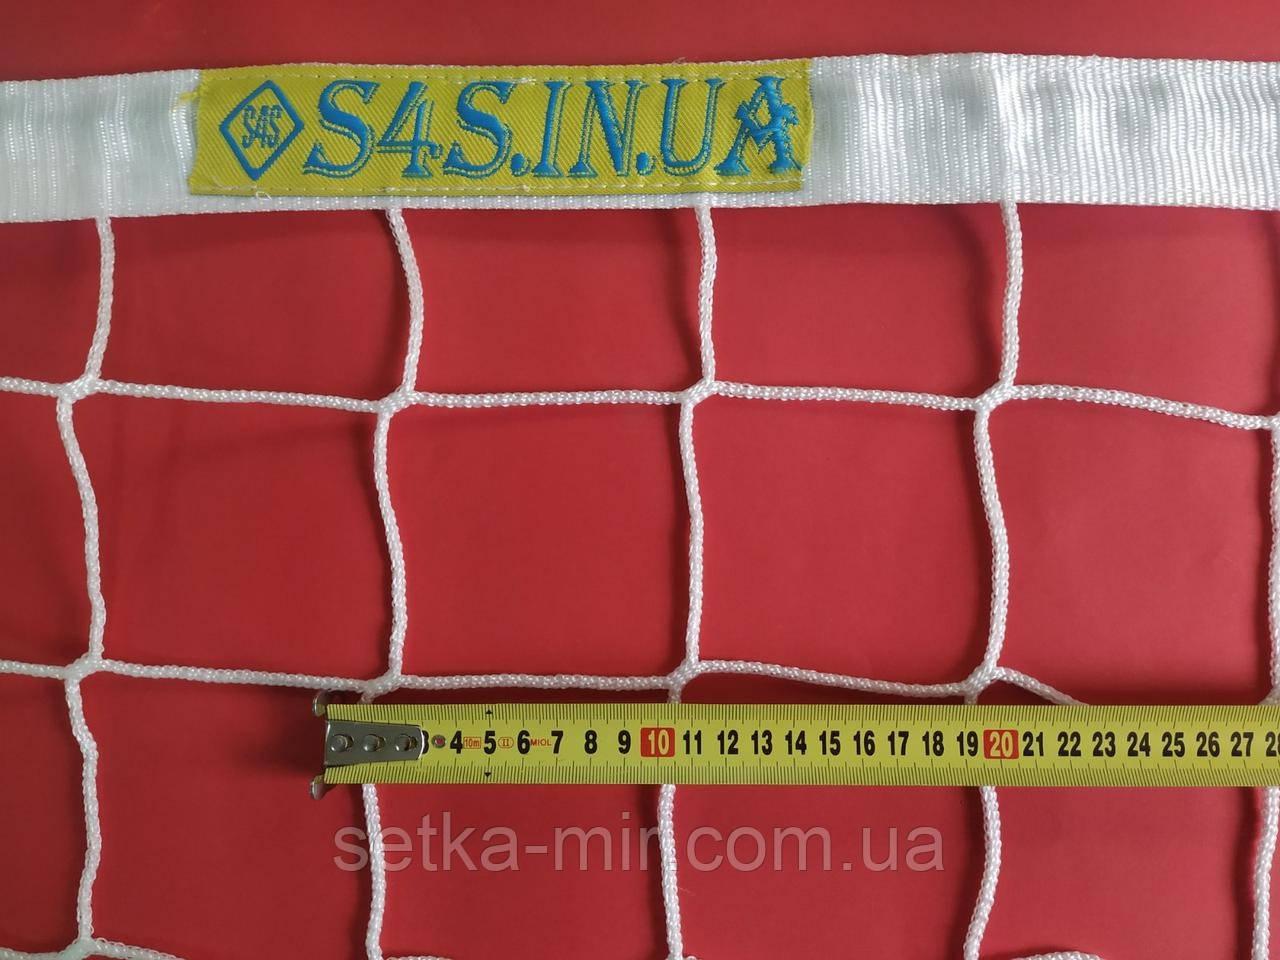 Волейбольная сетка безузловая «ЕВРО» с паракордом, белая, сеткамдля волейбола, для зала, профессионаьная.